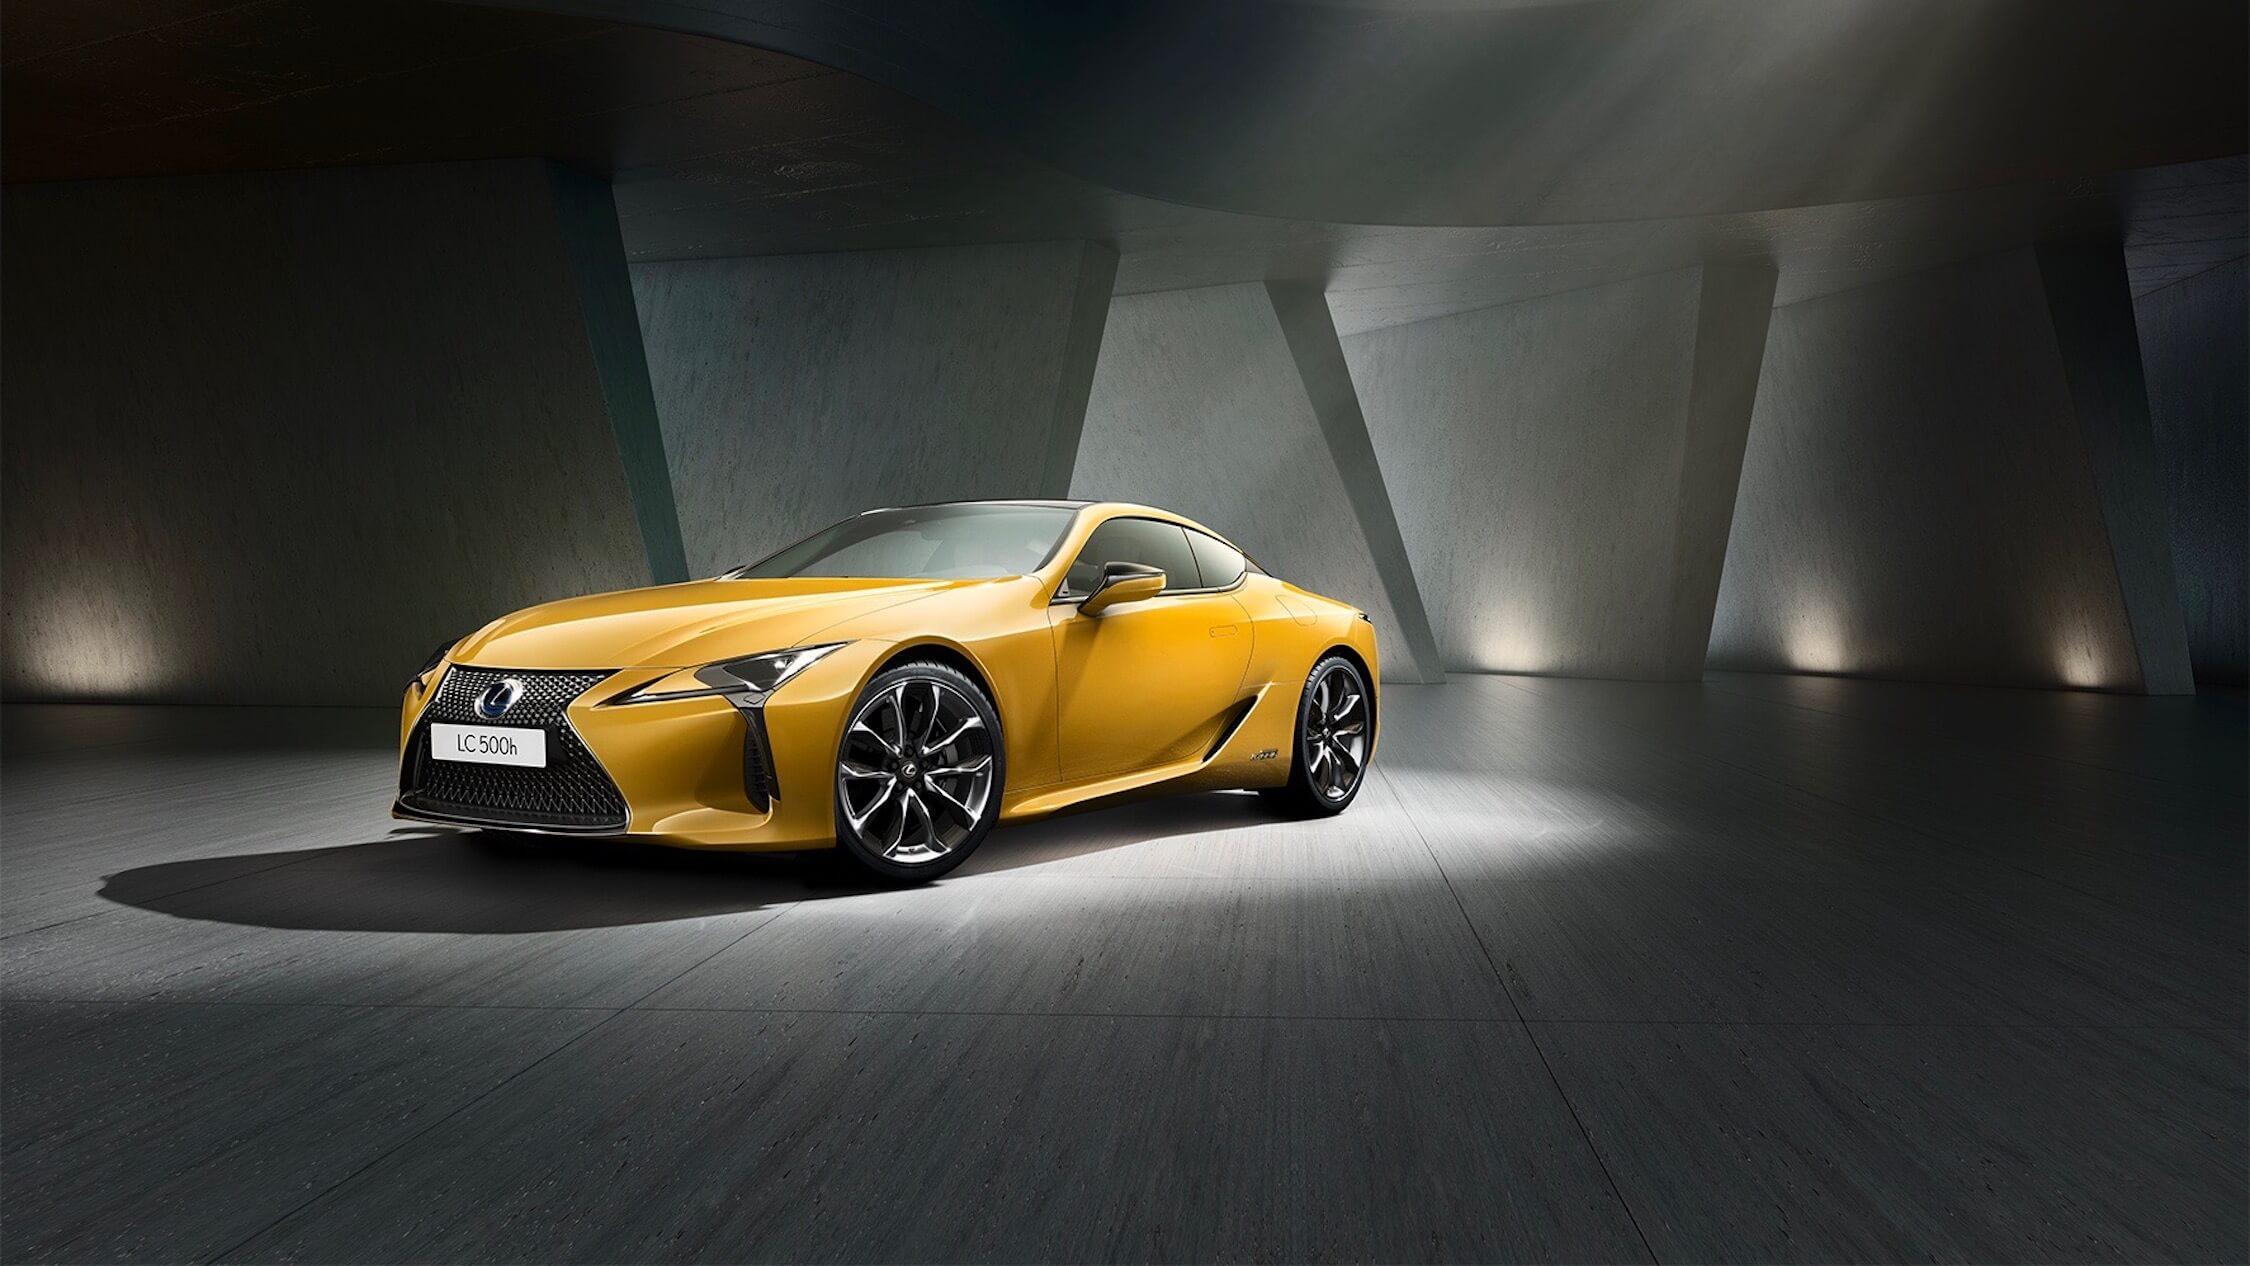 Lexus LC 500h amarelo